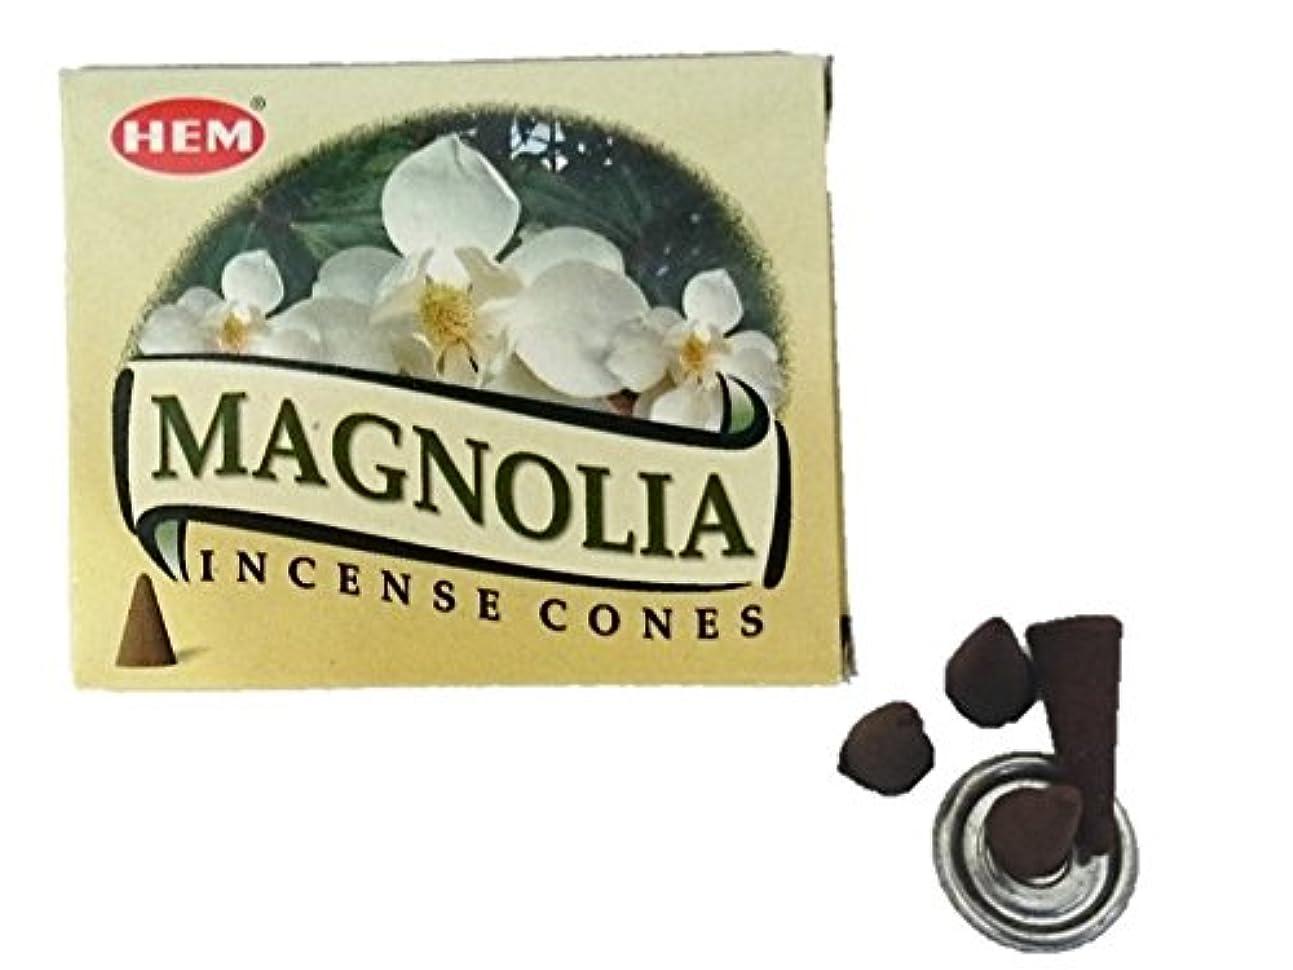 空白祈り不適切なHEM(ヘム)お香 マグノリア コーン 1箱